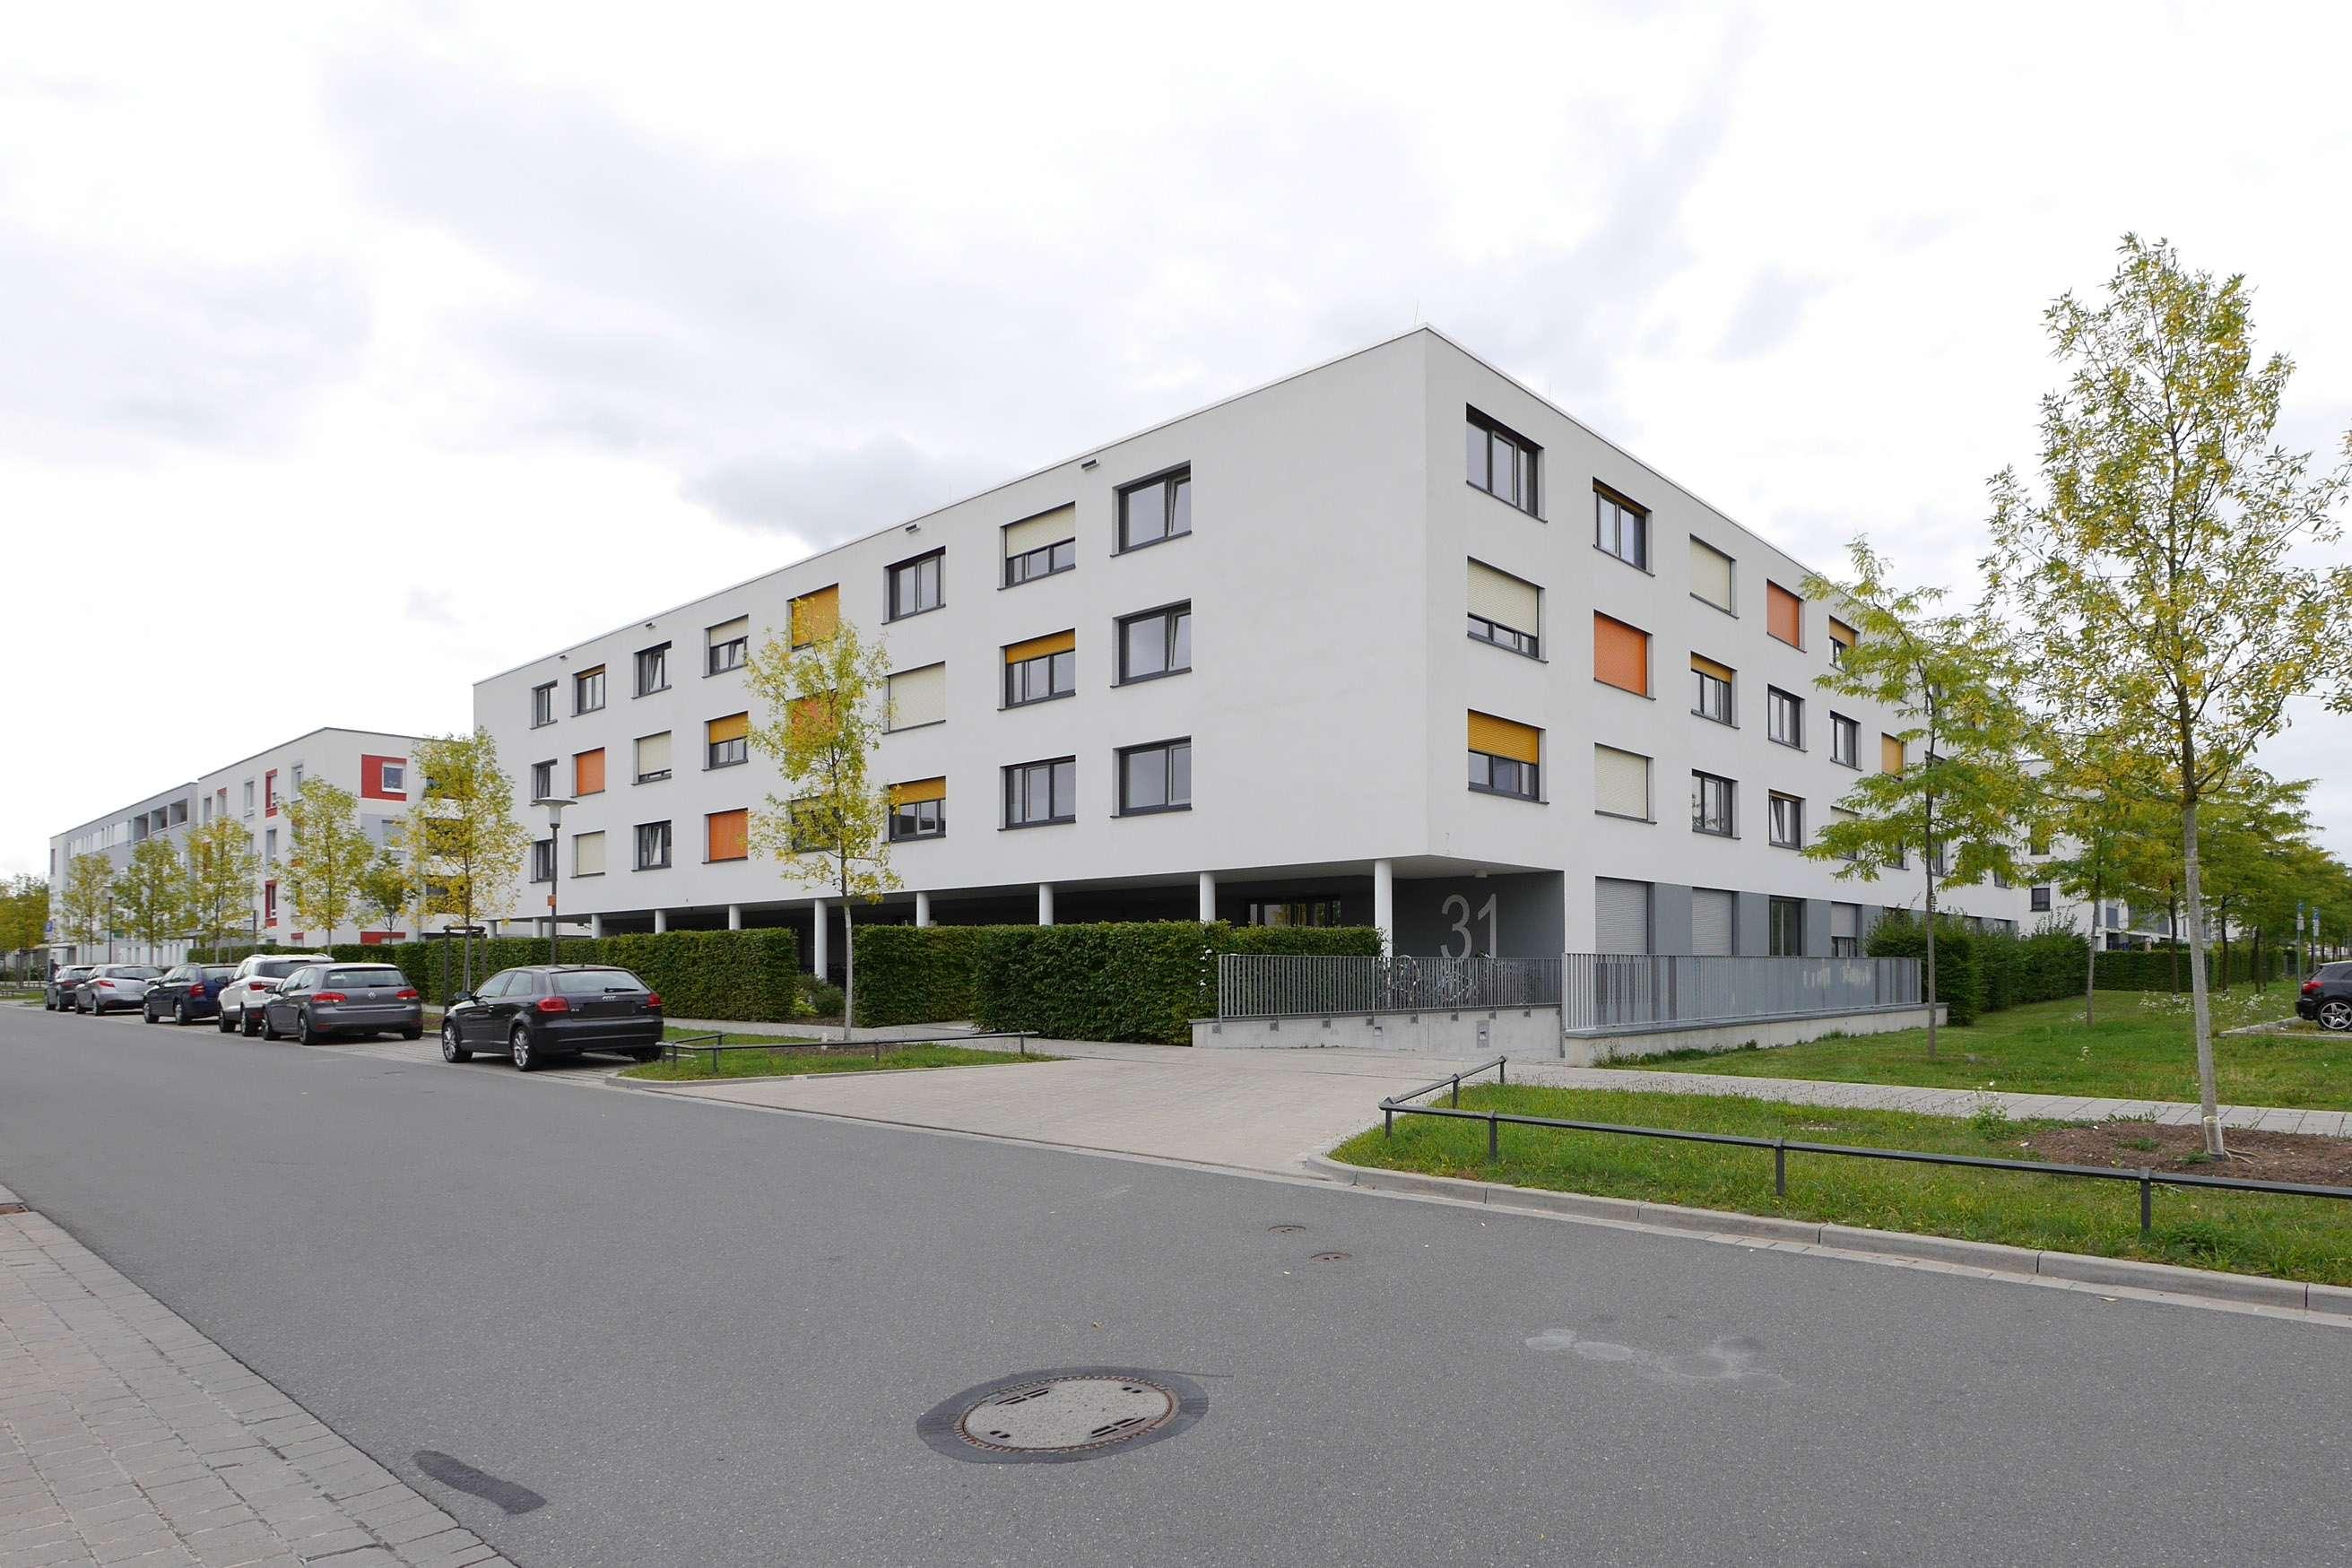 1-Zimmerwohnung Erlangen in Erlangen Süd (Erlangen)